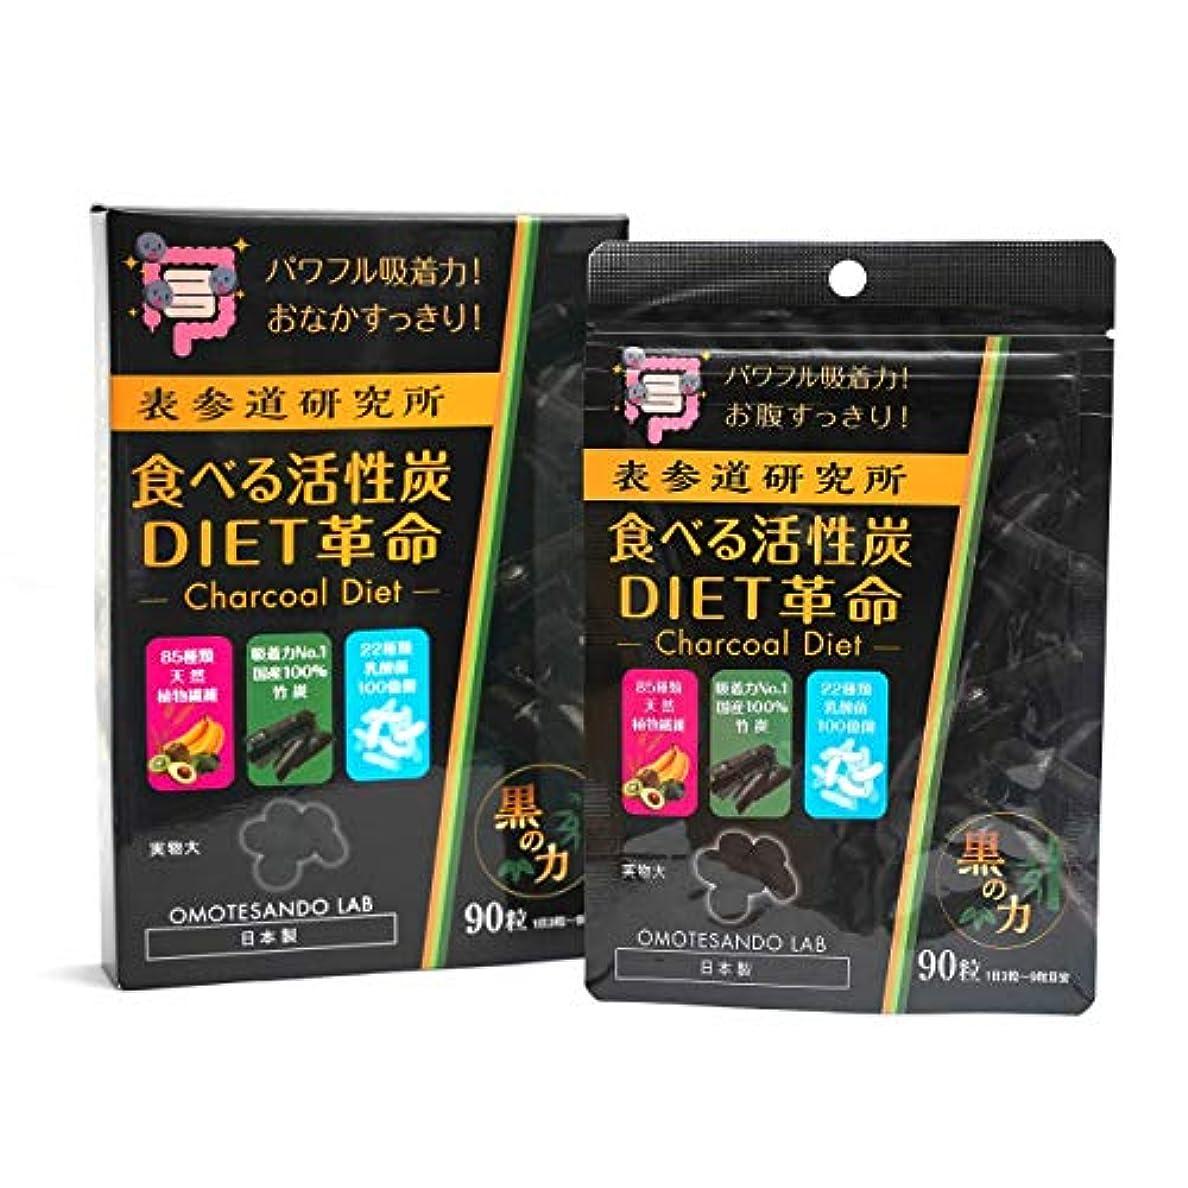 運ぶ眉以上表参道研究所 食べる活性炭DIET革命 2個セット